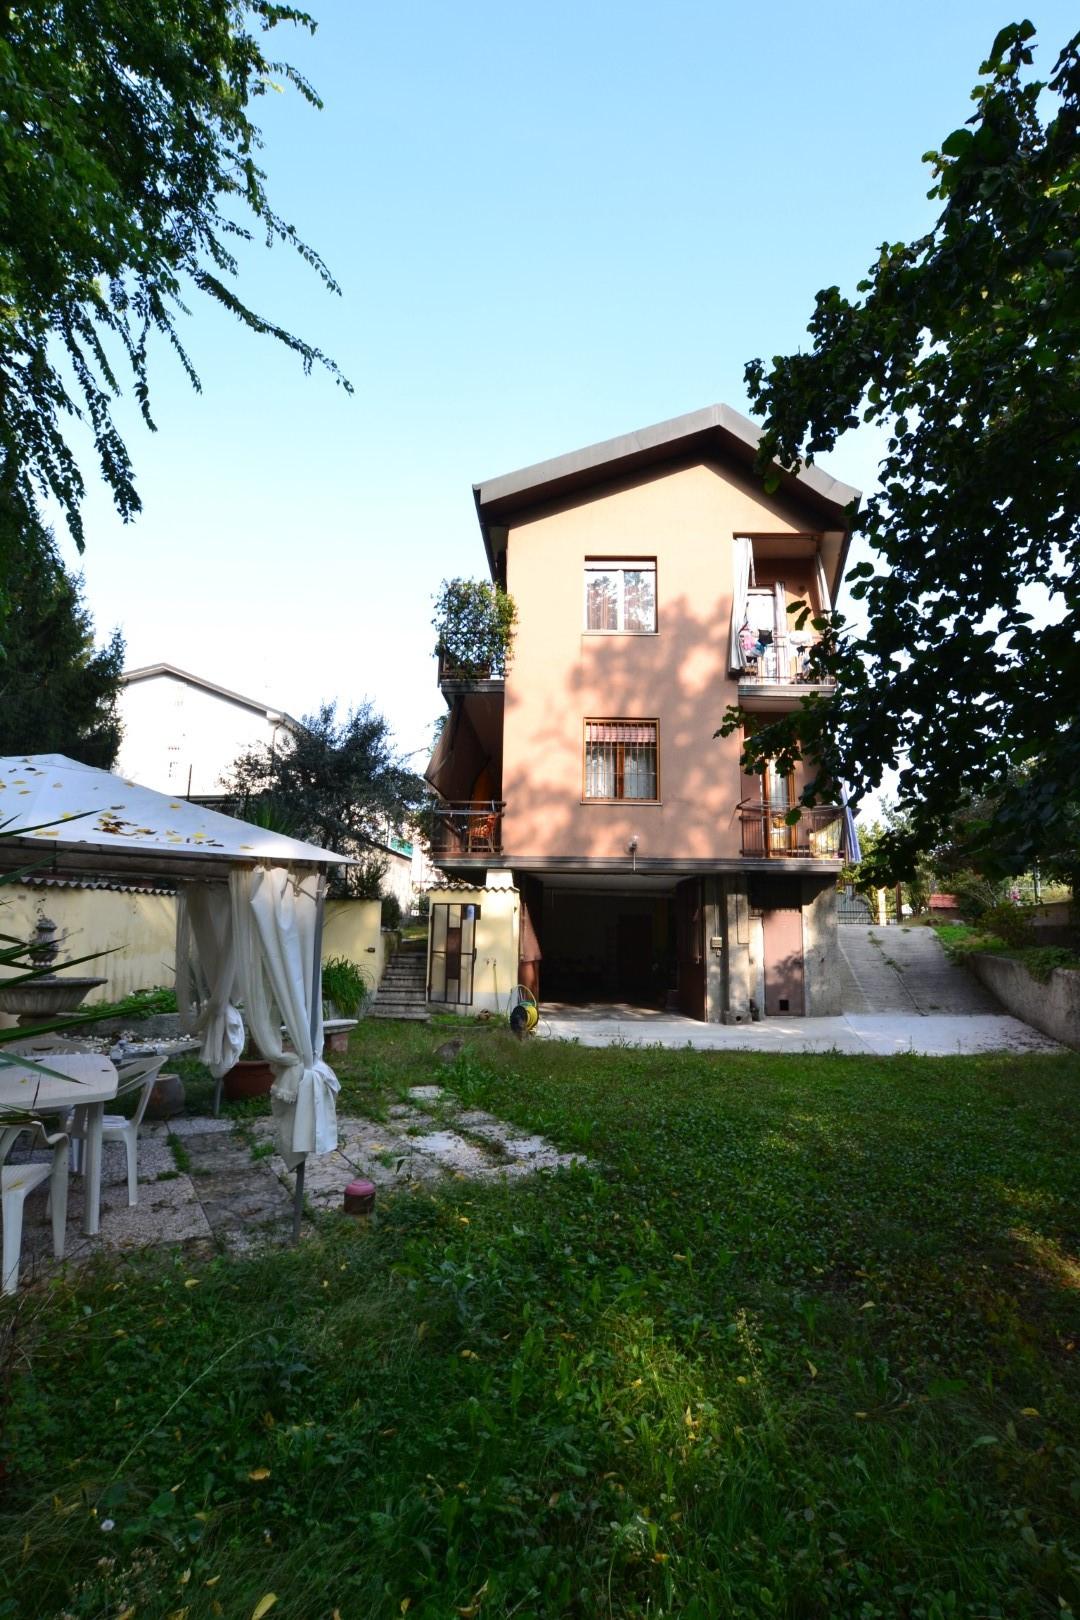 Agenzie Immobiliari Cologno Monzese villa in vendita a cologno monzese cod. 487